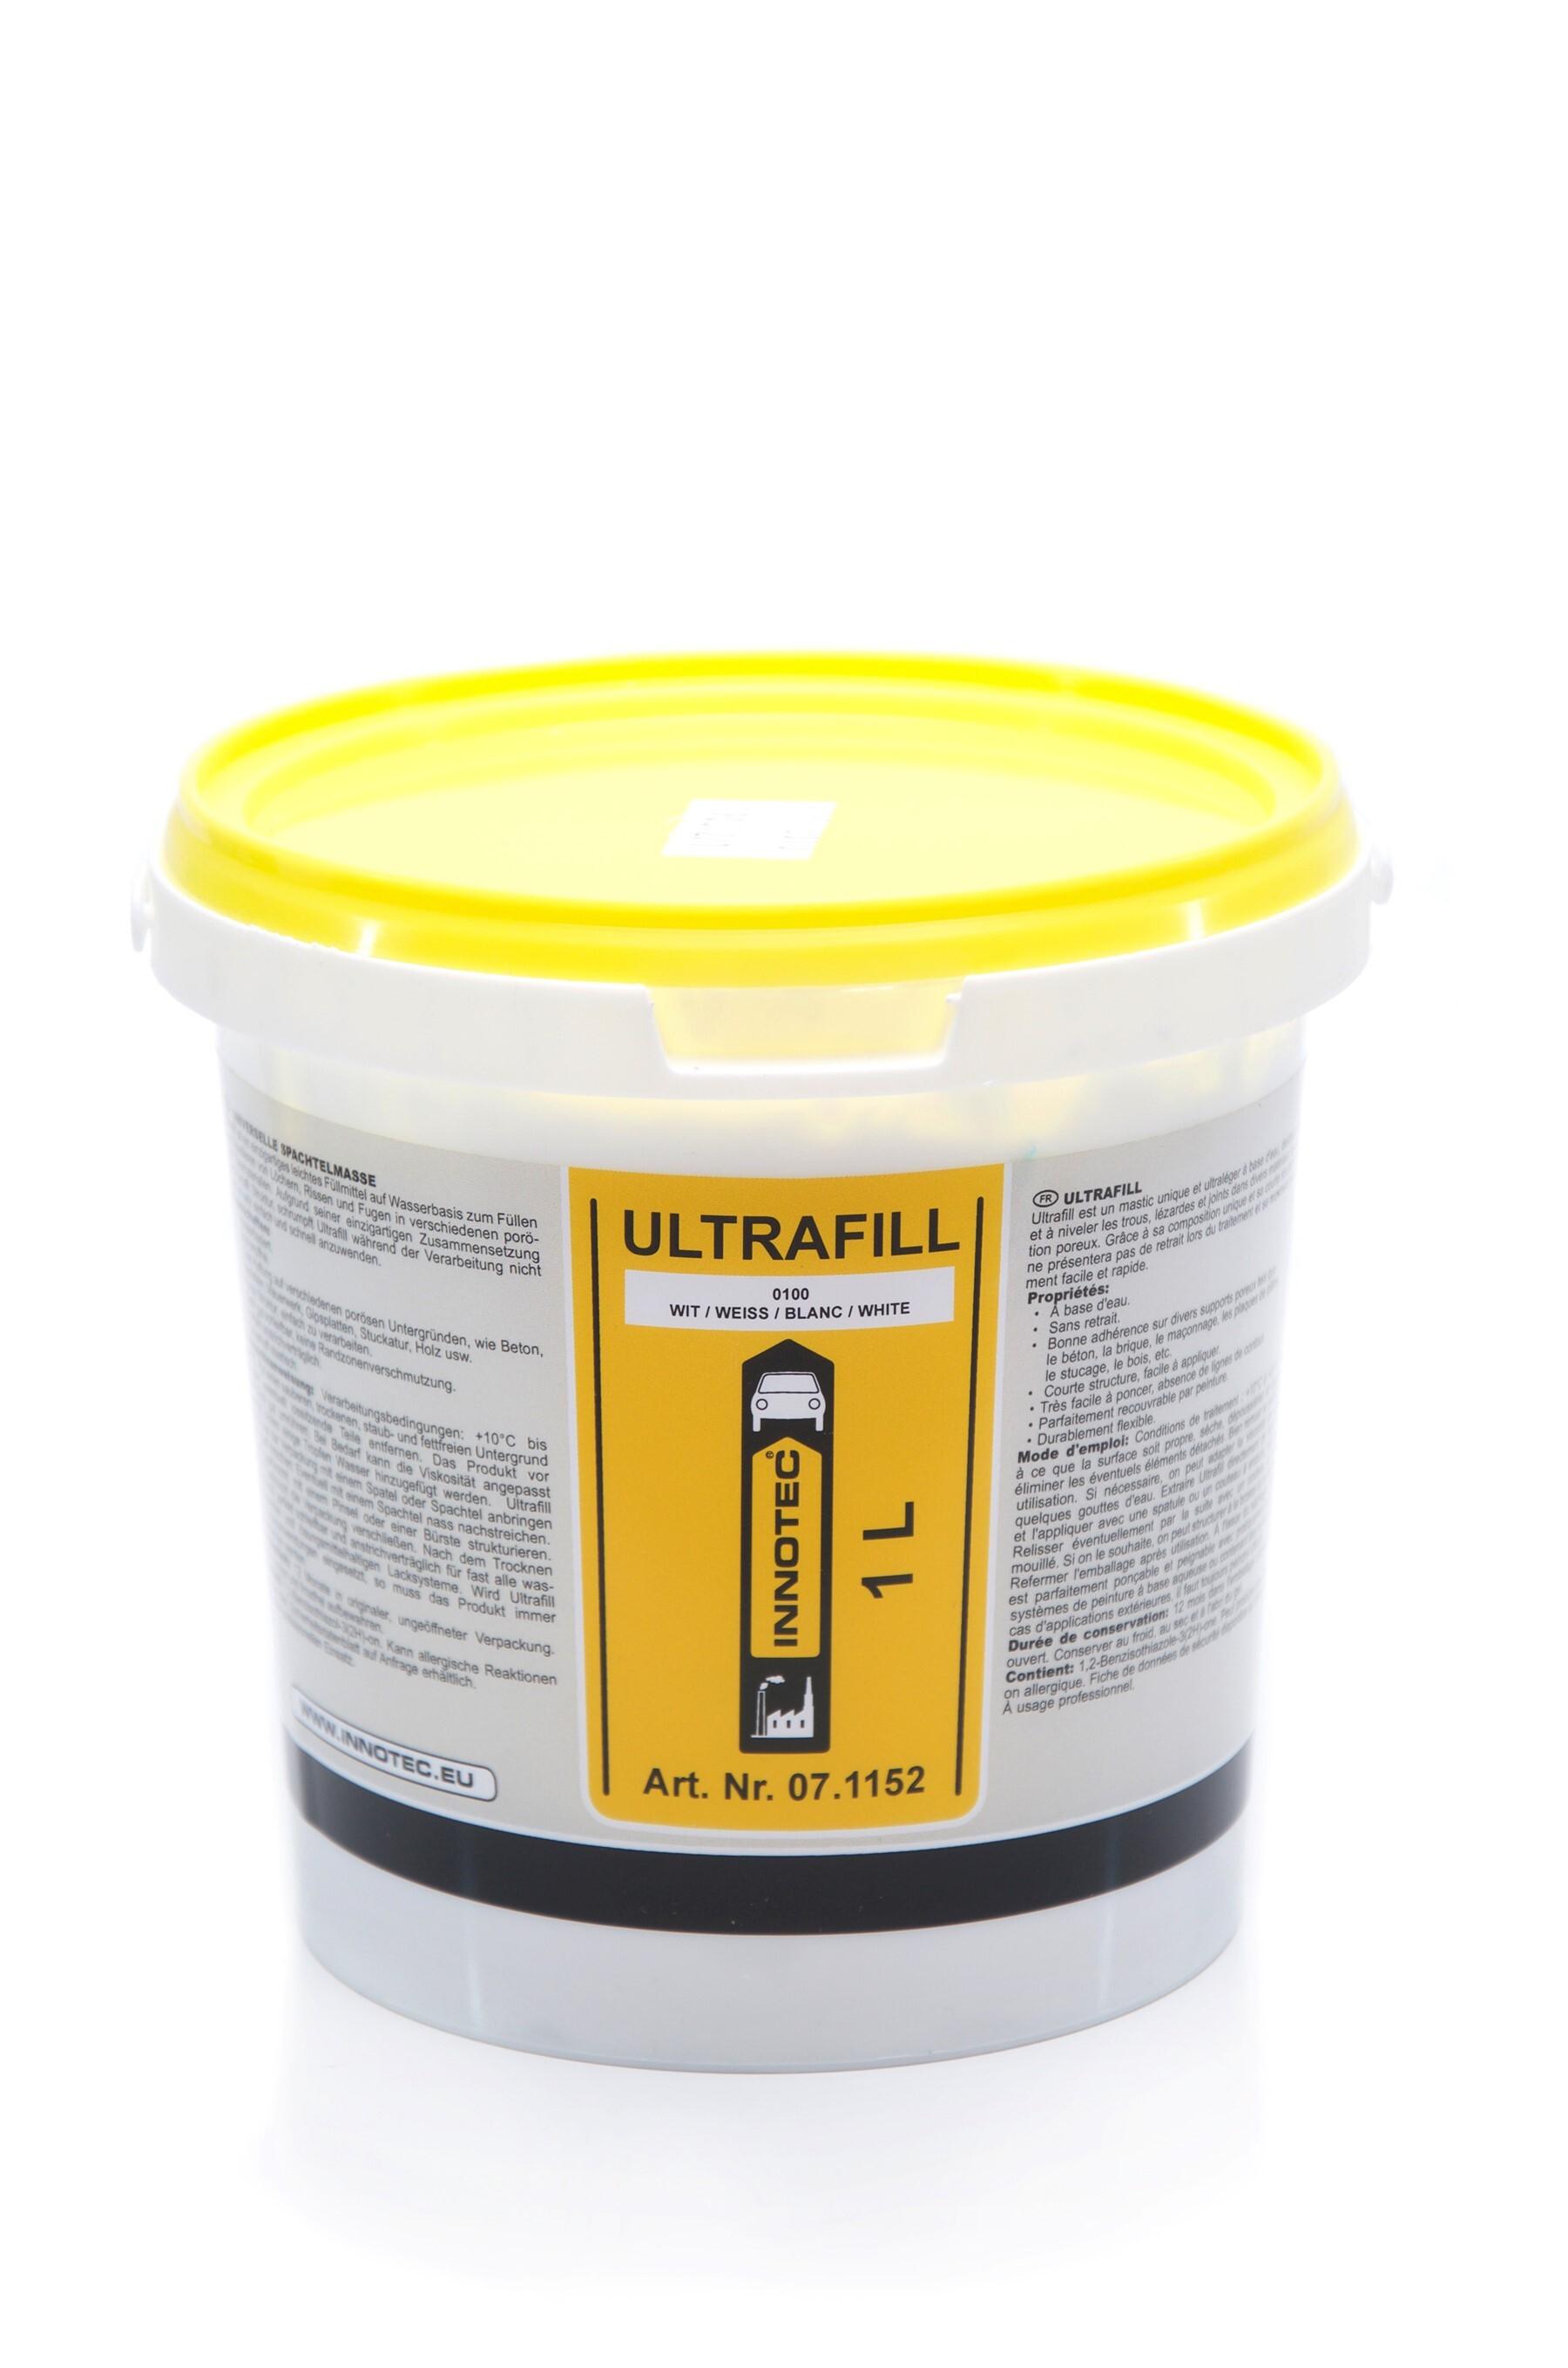 1486 Ultrafill